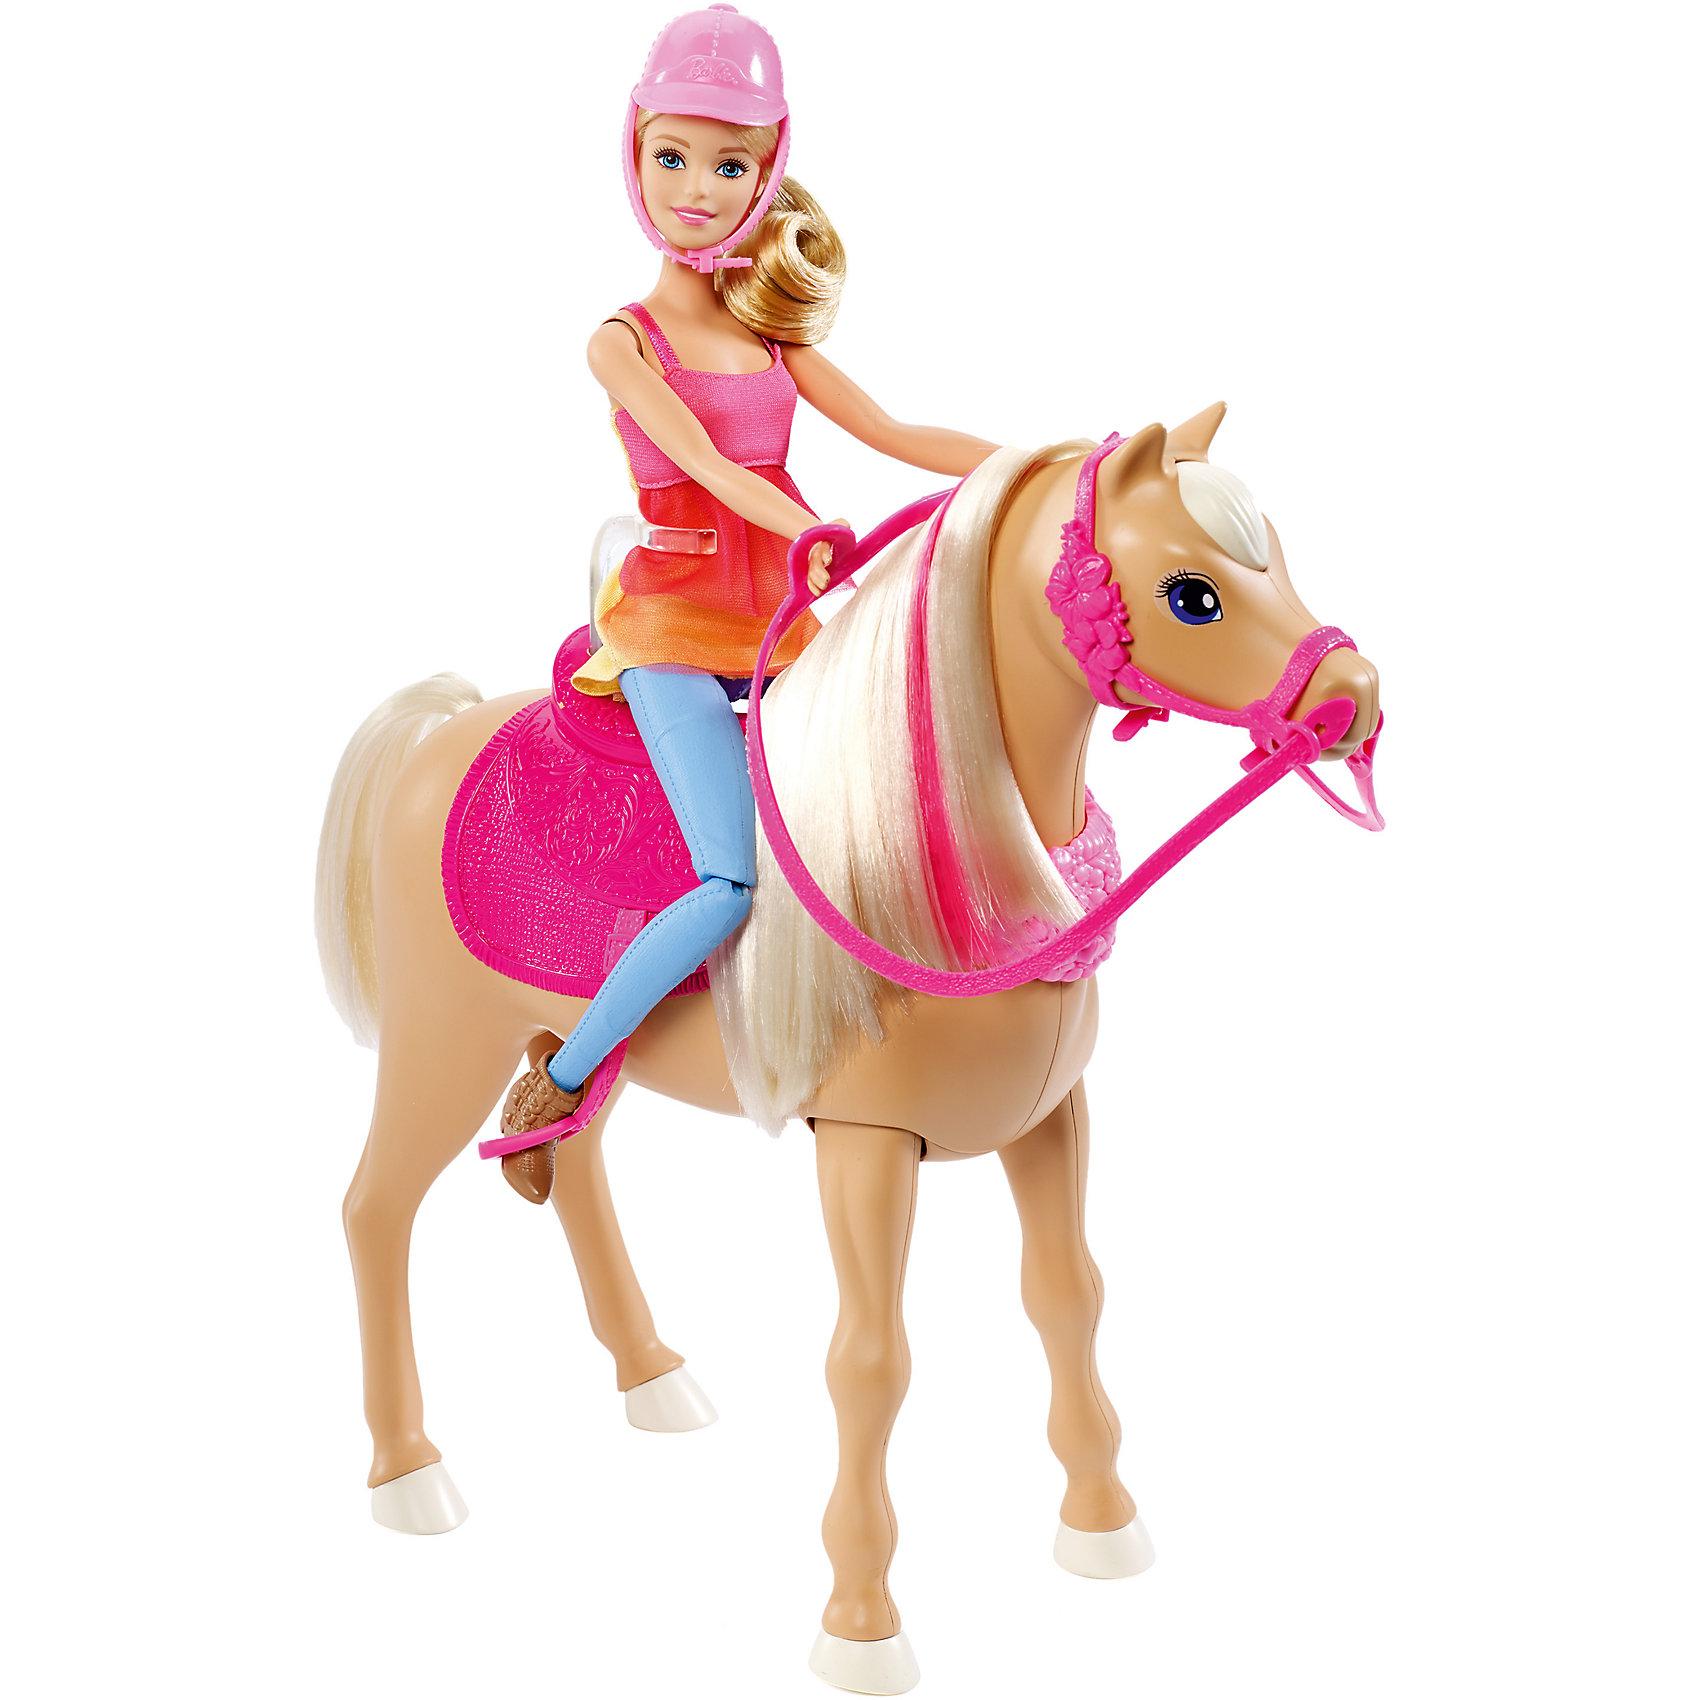 Barbie и танцующая лошадкаПопулярные игрушки<br>Barbie и танцующая лошадка - чудесный игровой набор, который вызовет восторг у Вашей девочки, поклонницы кукол Barbie.<br>Кукла Барби и ее лошадка танцуют вместе! Помнишь финальную сцену из мультфильма «Barbie и сестры: охота за щенками»? Лошадка может проигрывать три разные мелодии и танцевать. Поставь Барби рядом с лошадкой или посади куклу верхом, нажми кнопочку, спрятанную в гриве лошадки, и смотри, как они двигаются в такт музыки. Лошадка также может танцевать одна.<br><br>Дополнительная информация:<br><br>- В наборе: кукла Barbie с нарядом и аксессуарами (включая шлем), танцующая лошадка с розовым седлом (не снимается), ошейником, уздечкой, поводьями<br>- Кукла не может стоять или танцевать самостоятельно<br>- Цвета и украшения могут отличаться<br>- Материал: пластик, текстиль<br>- Батарейки: 4 типа AAA (в комплект не входят)<br>- Размер упаковки: 11,5х45,5х32,5 см.<br>- Вес: 1,134 кг.<br><br>Игровой набор Barbie и танцующая лошадка можно купить в нашем интернет-магазине.<br><br>Ширина мм: 115<br>Глубина мм: 455<br>Высота мм: 325<br>Вес г: 1134<br>Возраст от месяцев: 36<br>Возраст до месяцев: 120<br>Пол: Женский<br>Возраст: Детский<br>SKU: 4865287